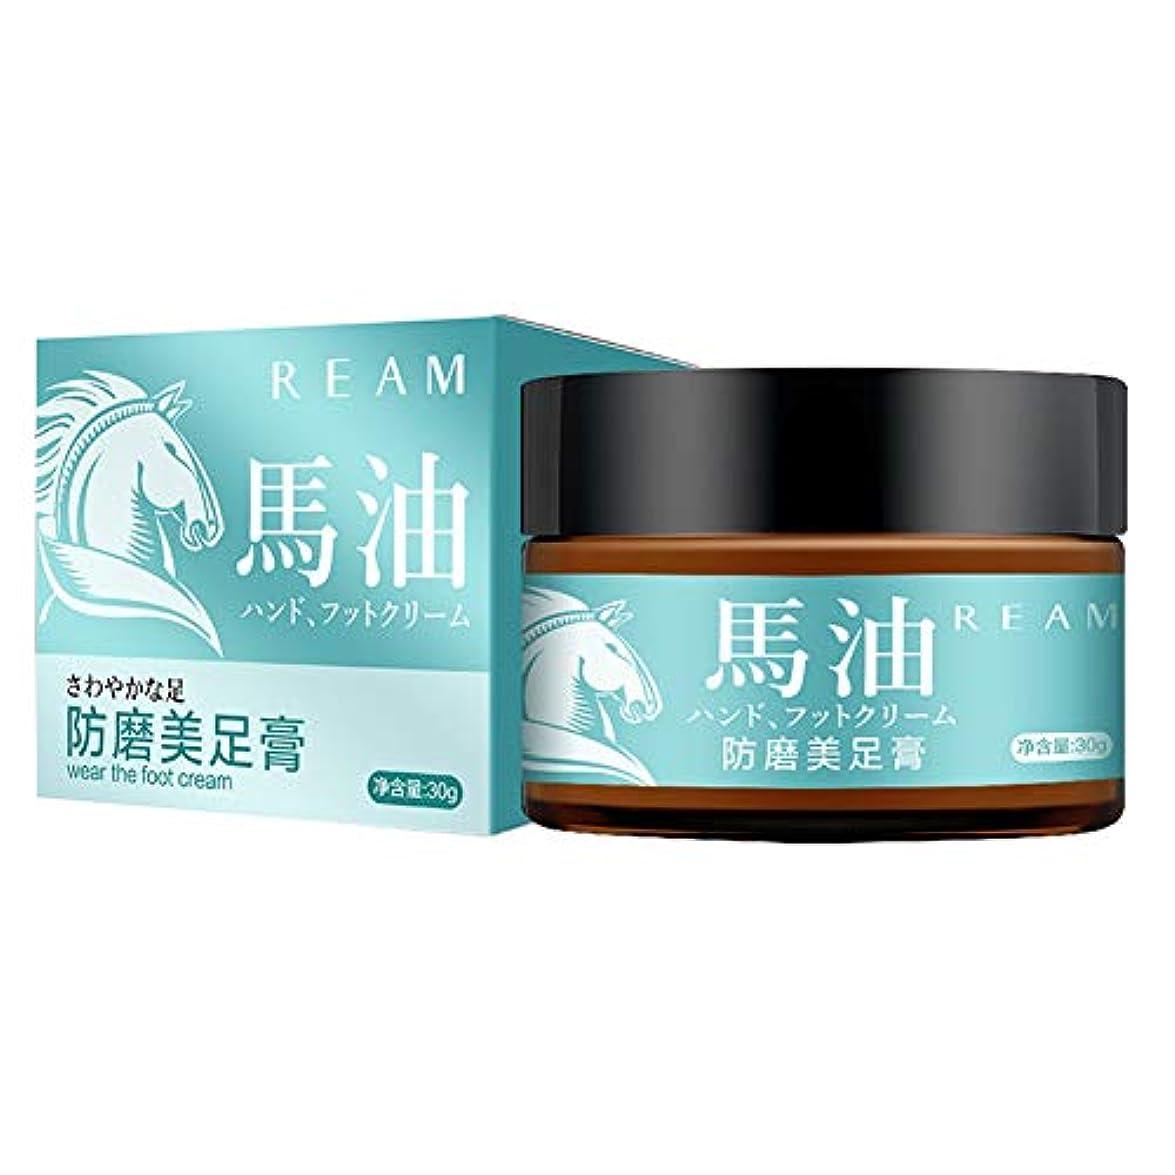 鷹硫黄ハム馬油フットクリーム保湿栄養肌抗摩耗抗乾燥フットスキンクリーム